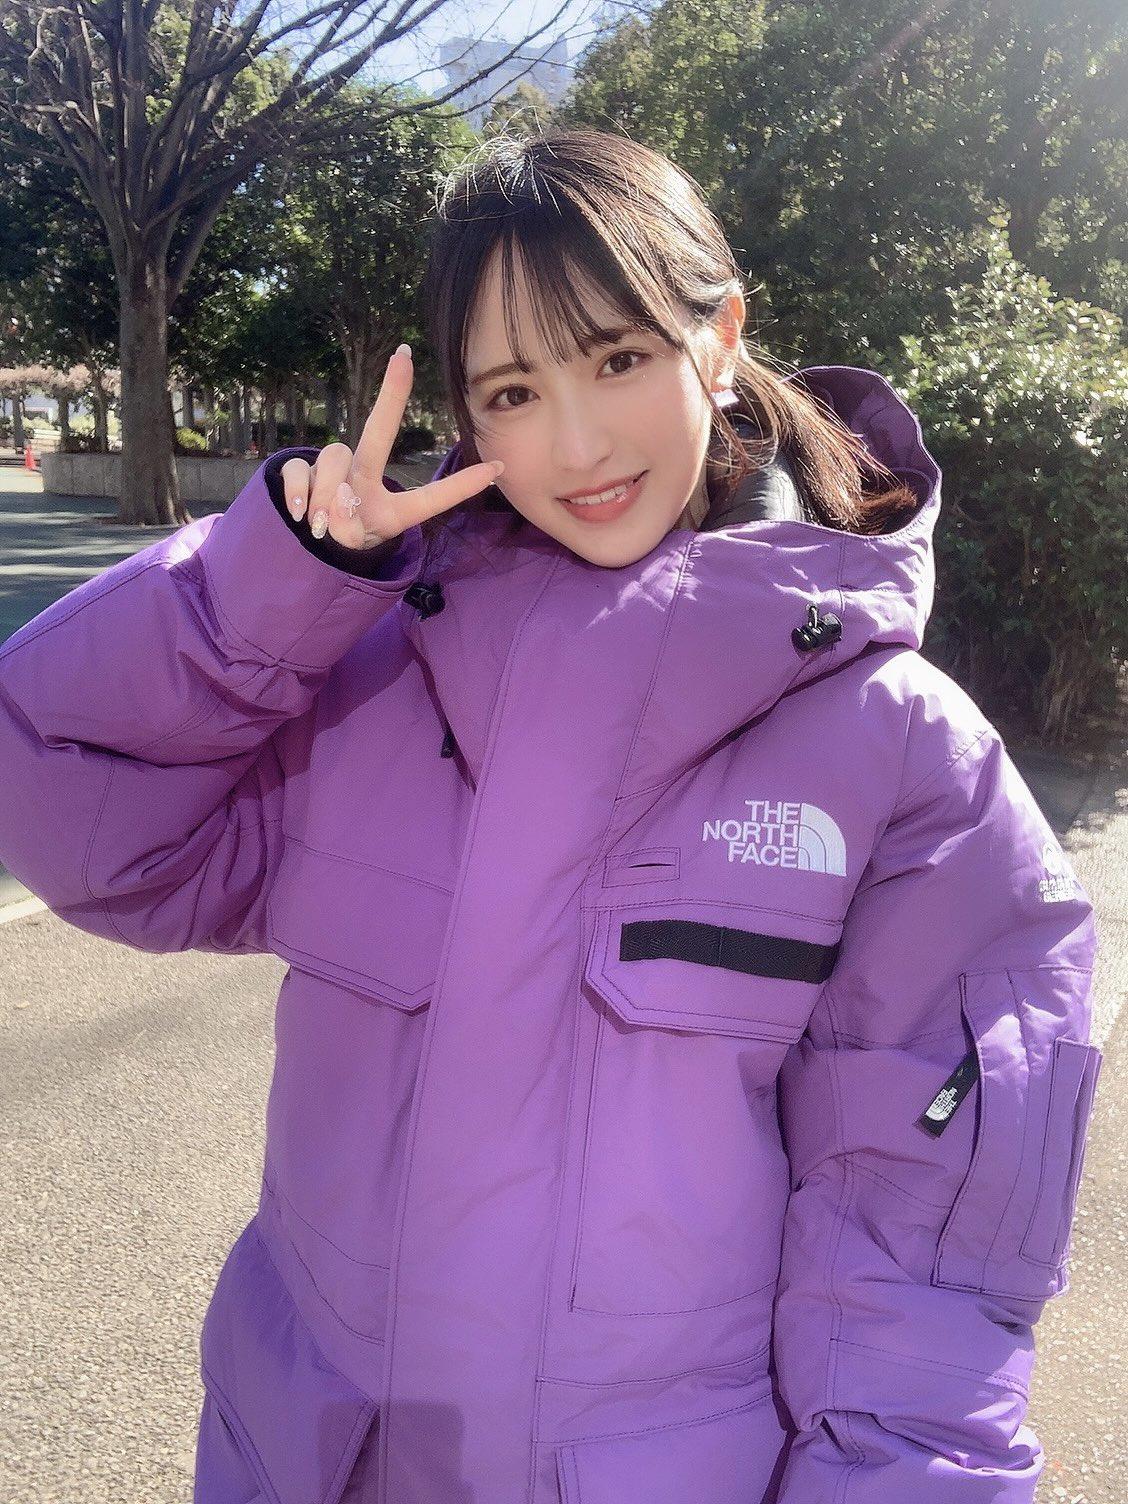 【小野六花エロ画像】淫らさは胸とともに成長中な美少女・小野六花!